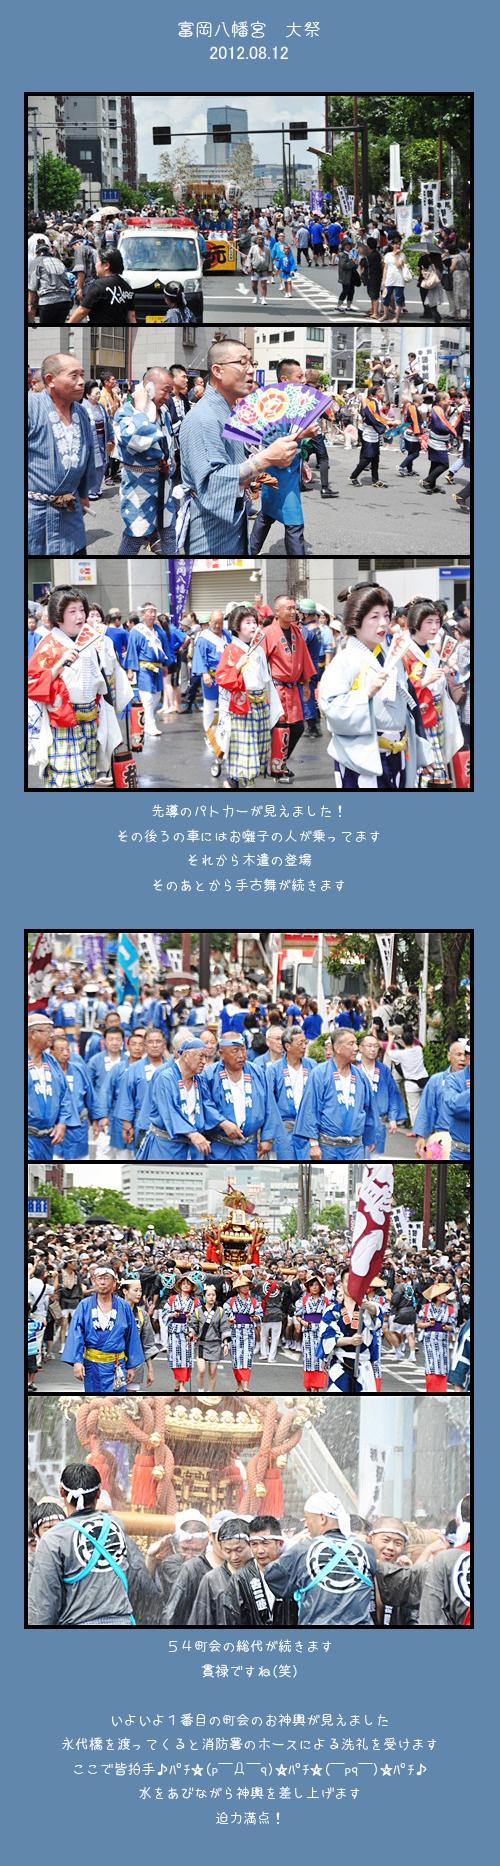 8月13日富岡八幡祭り2